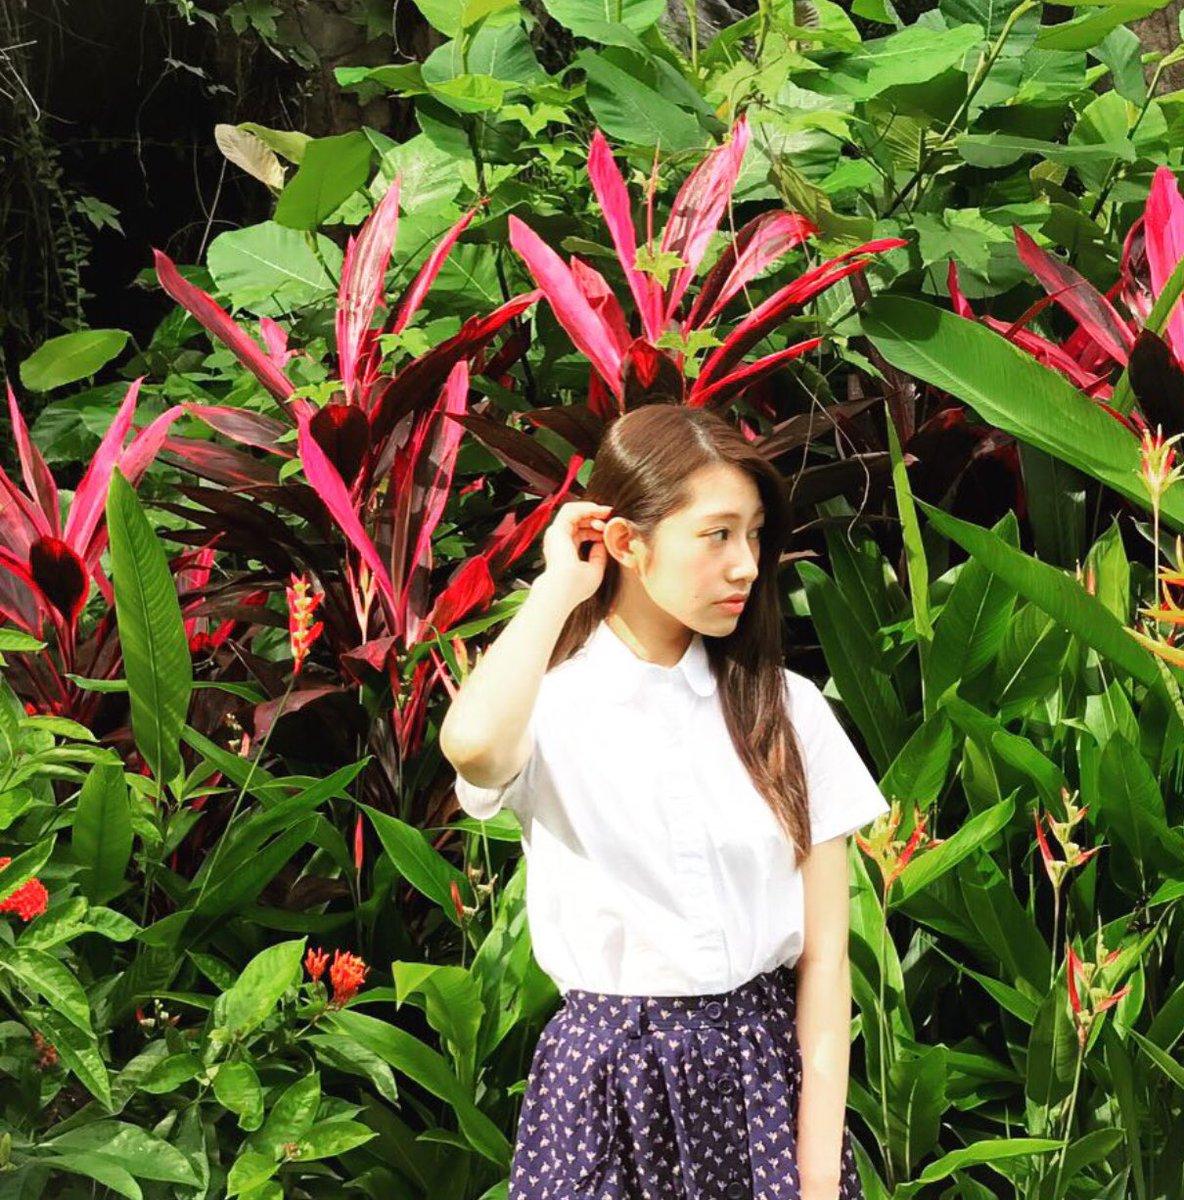 桜井玲香さんの写真集 初日に泊まったイポー郊外のバンジャラン ホットスプリングスの温泉の周りには、...